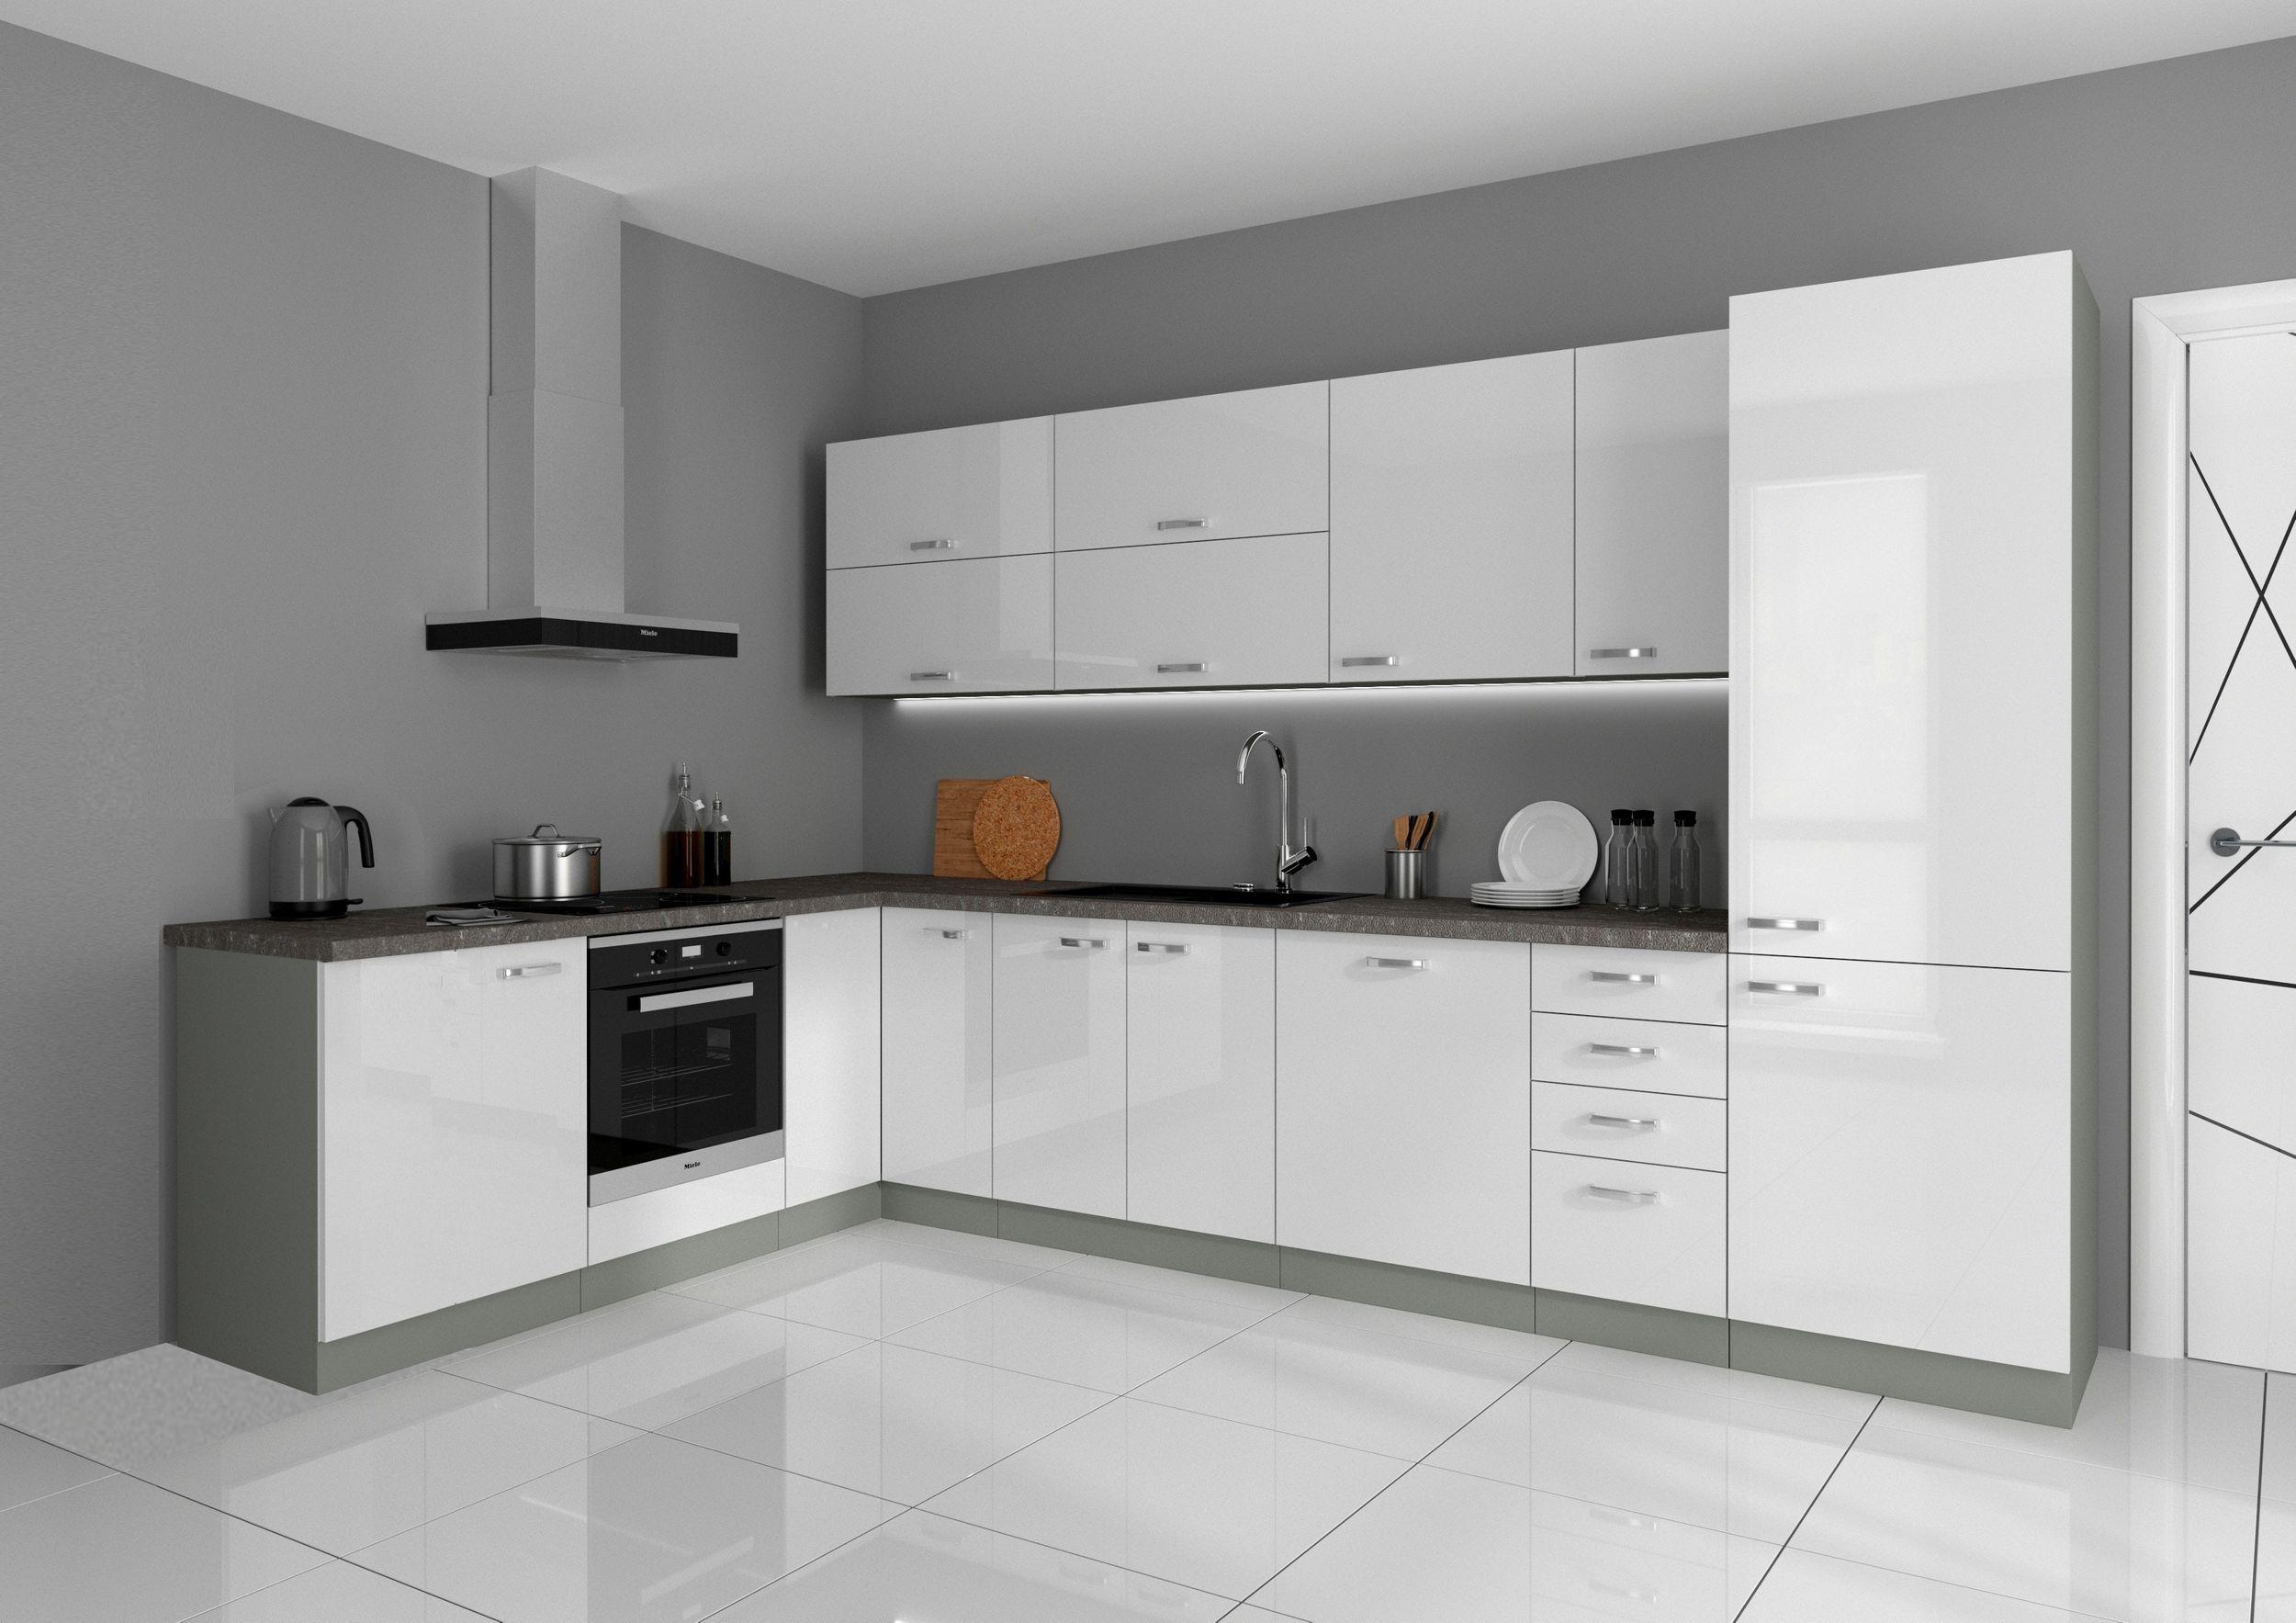 Full Size of Weiße Hochglanz Küche Ikea Hochglanz Küche Pflege Putztücher Für Hochglanz Küche Hochglanz Küche Putzen Mit Welchem Tuch Küche Hochglanz Küche